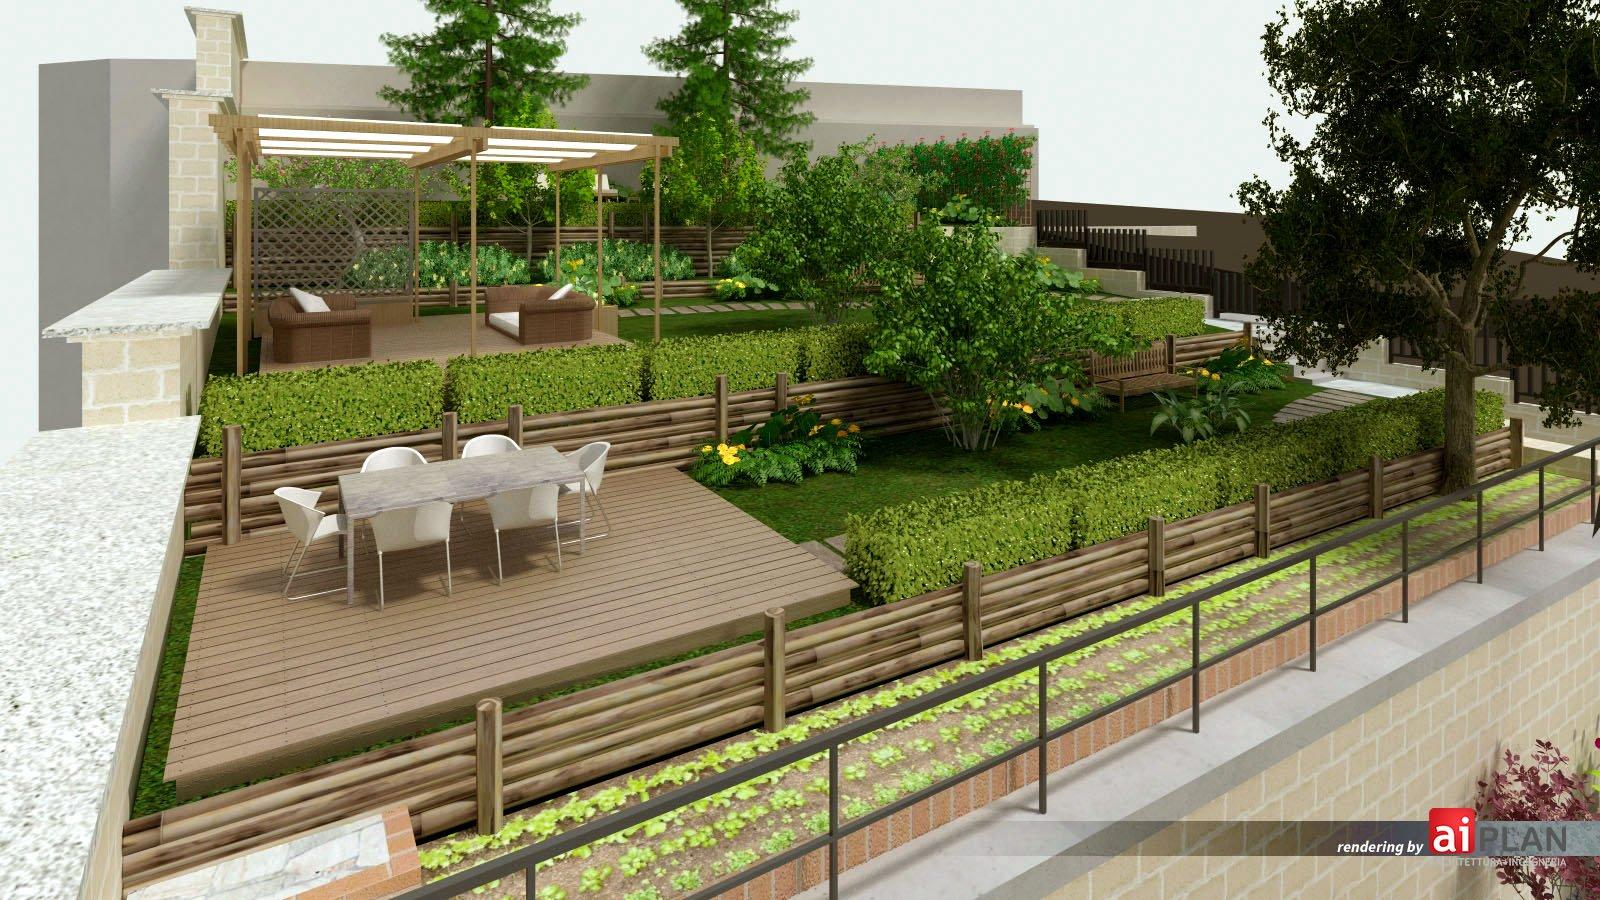 Rendering di giardini parchi e sistemi di verde aiplan for Architettura giardini